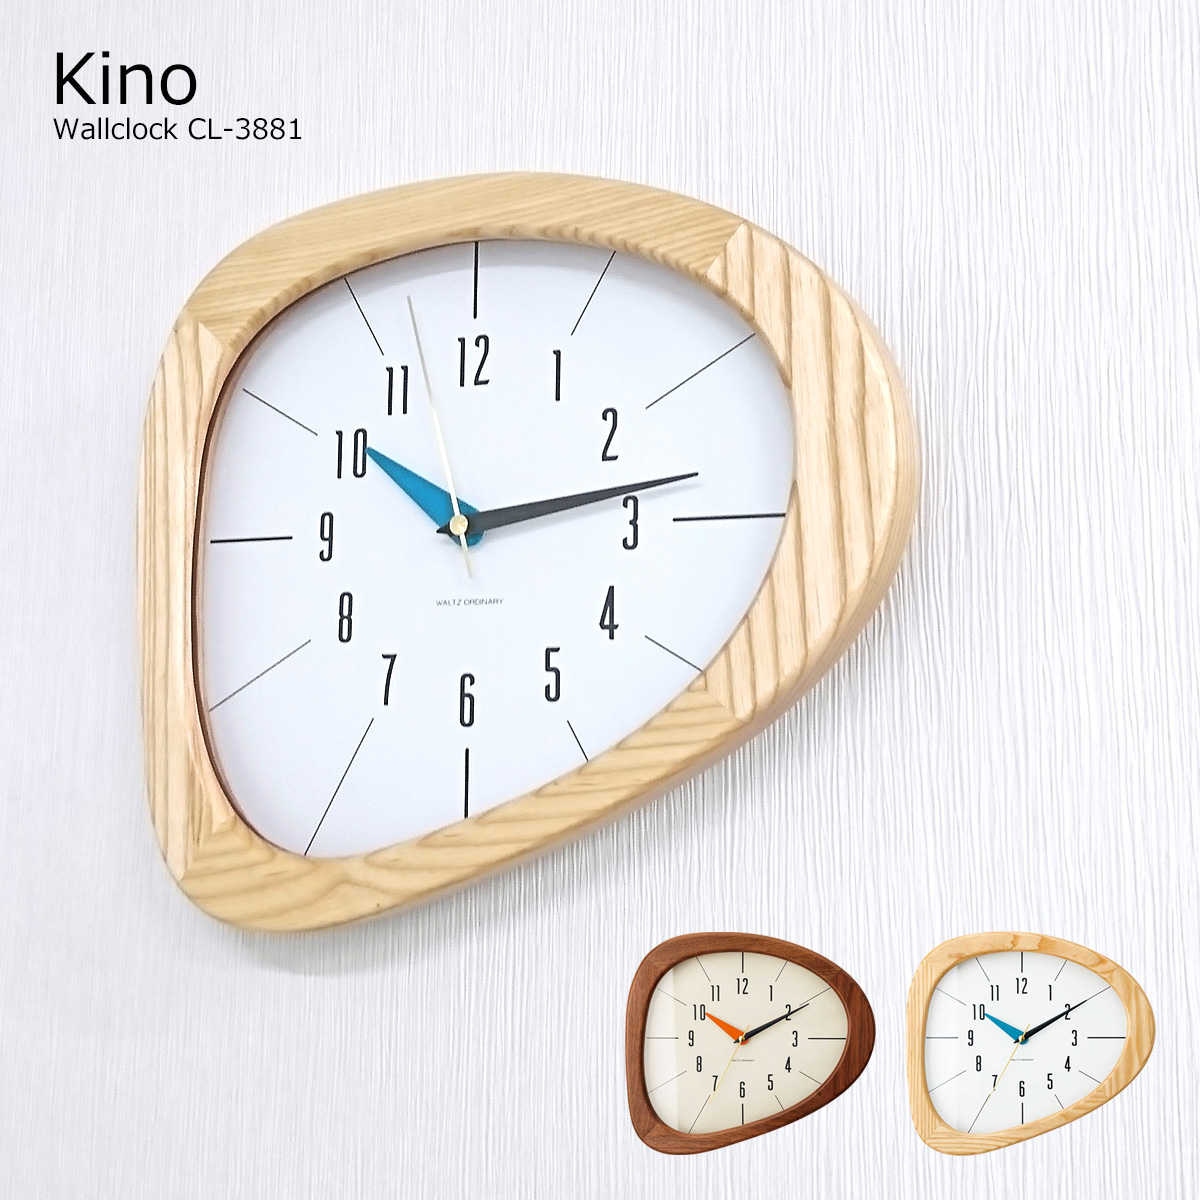 【あす楽】壁掛け時計 Kino キーノ CL-3881 北欧 掛け時計 シンプル オシャレ インターフォルム 静音 ナチュラル アシンメトリー 左右非対称 木製 スイープ 新生活